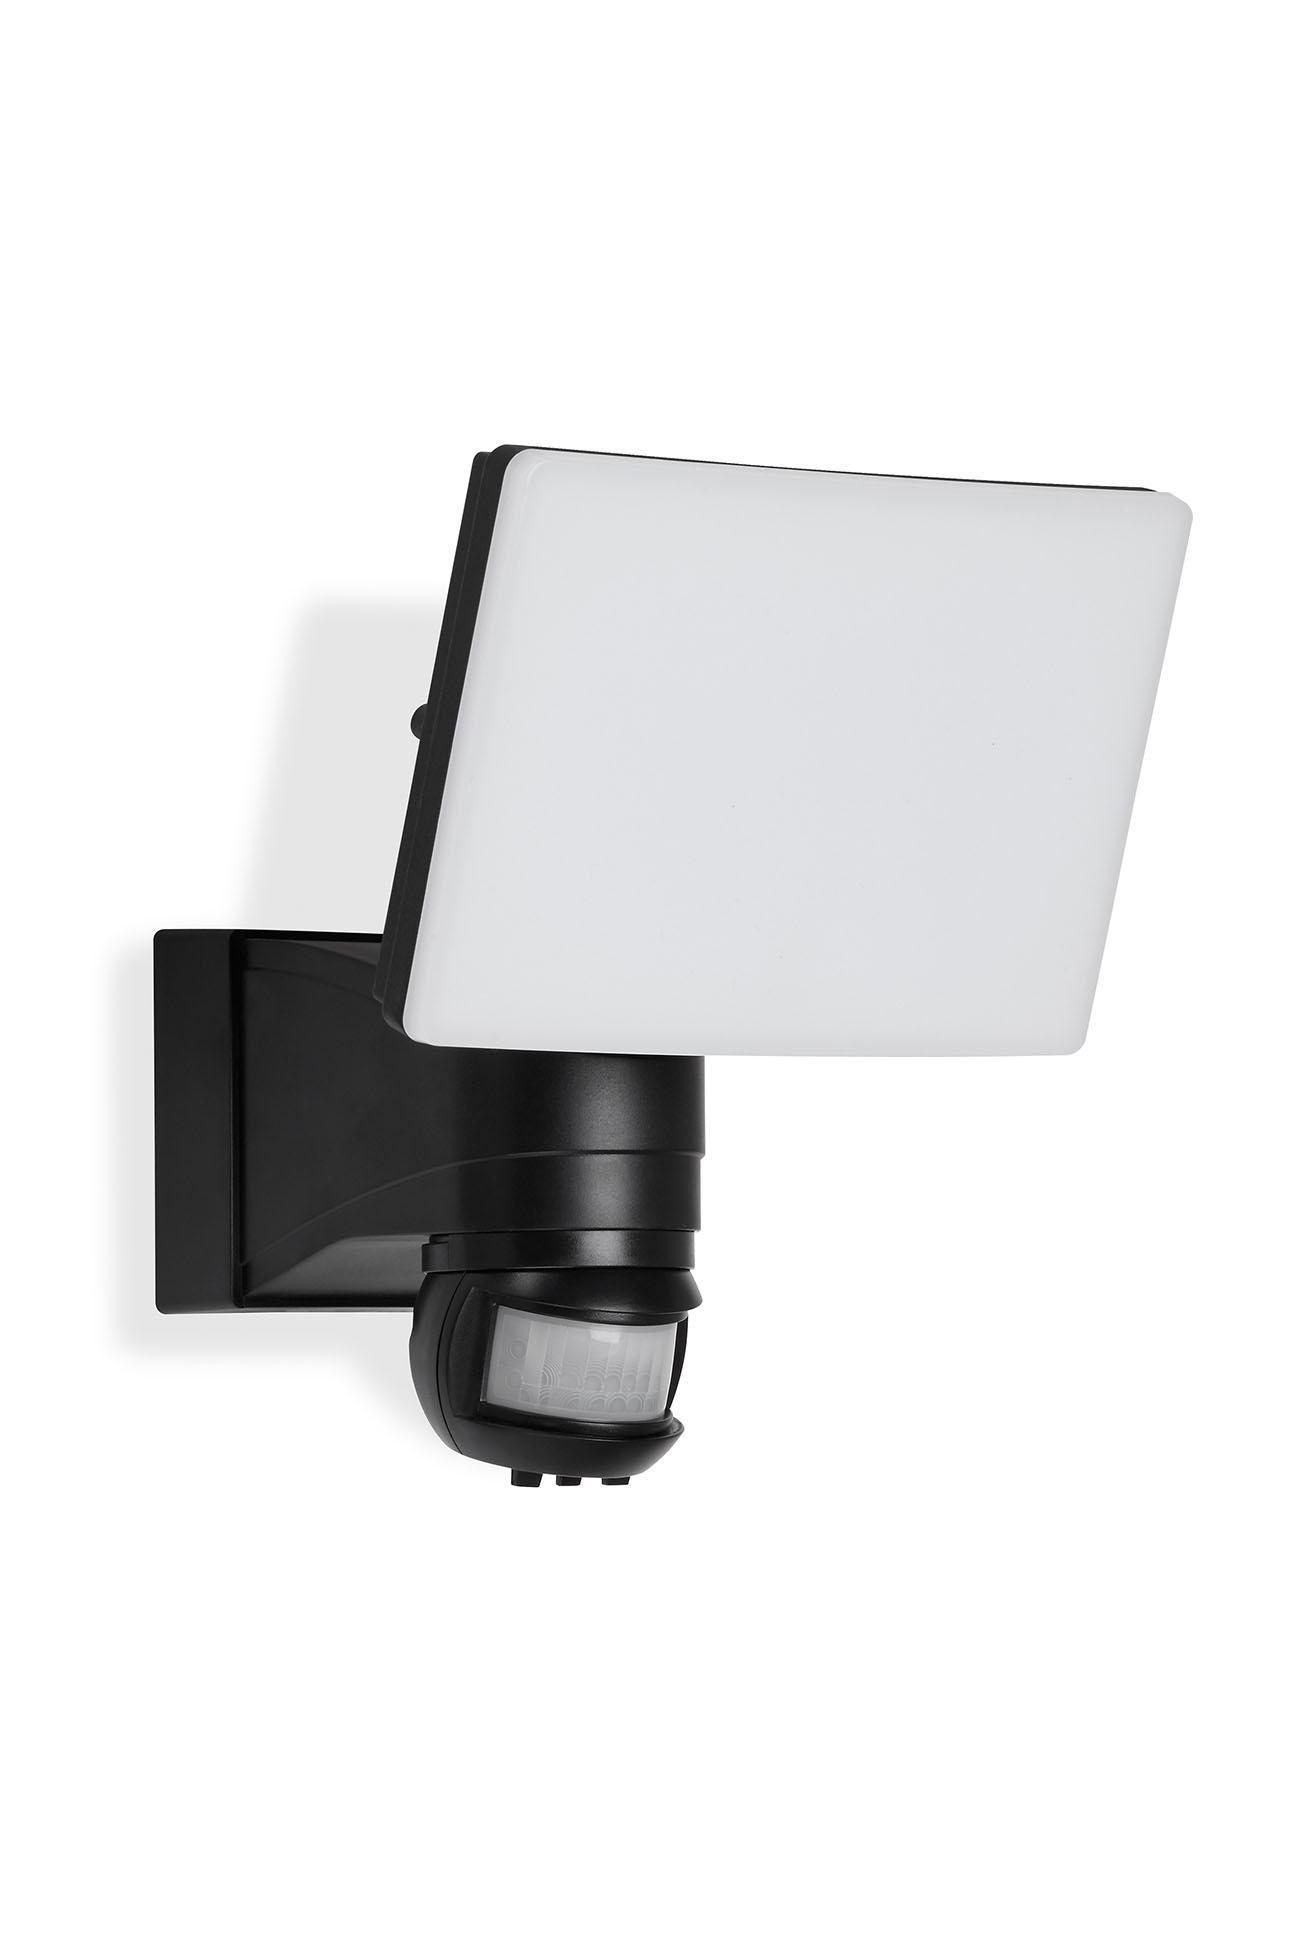 TELEFUNKEN LED Sensor Aussenstrahler, 21,7 cm, 20 W, Schwarz